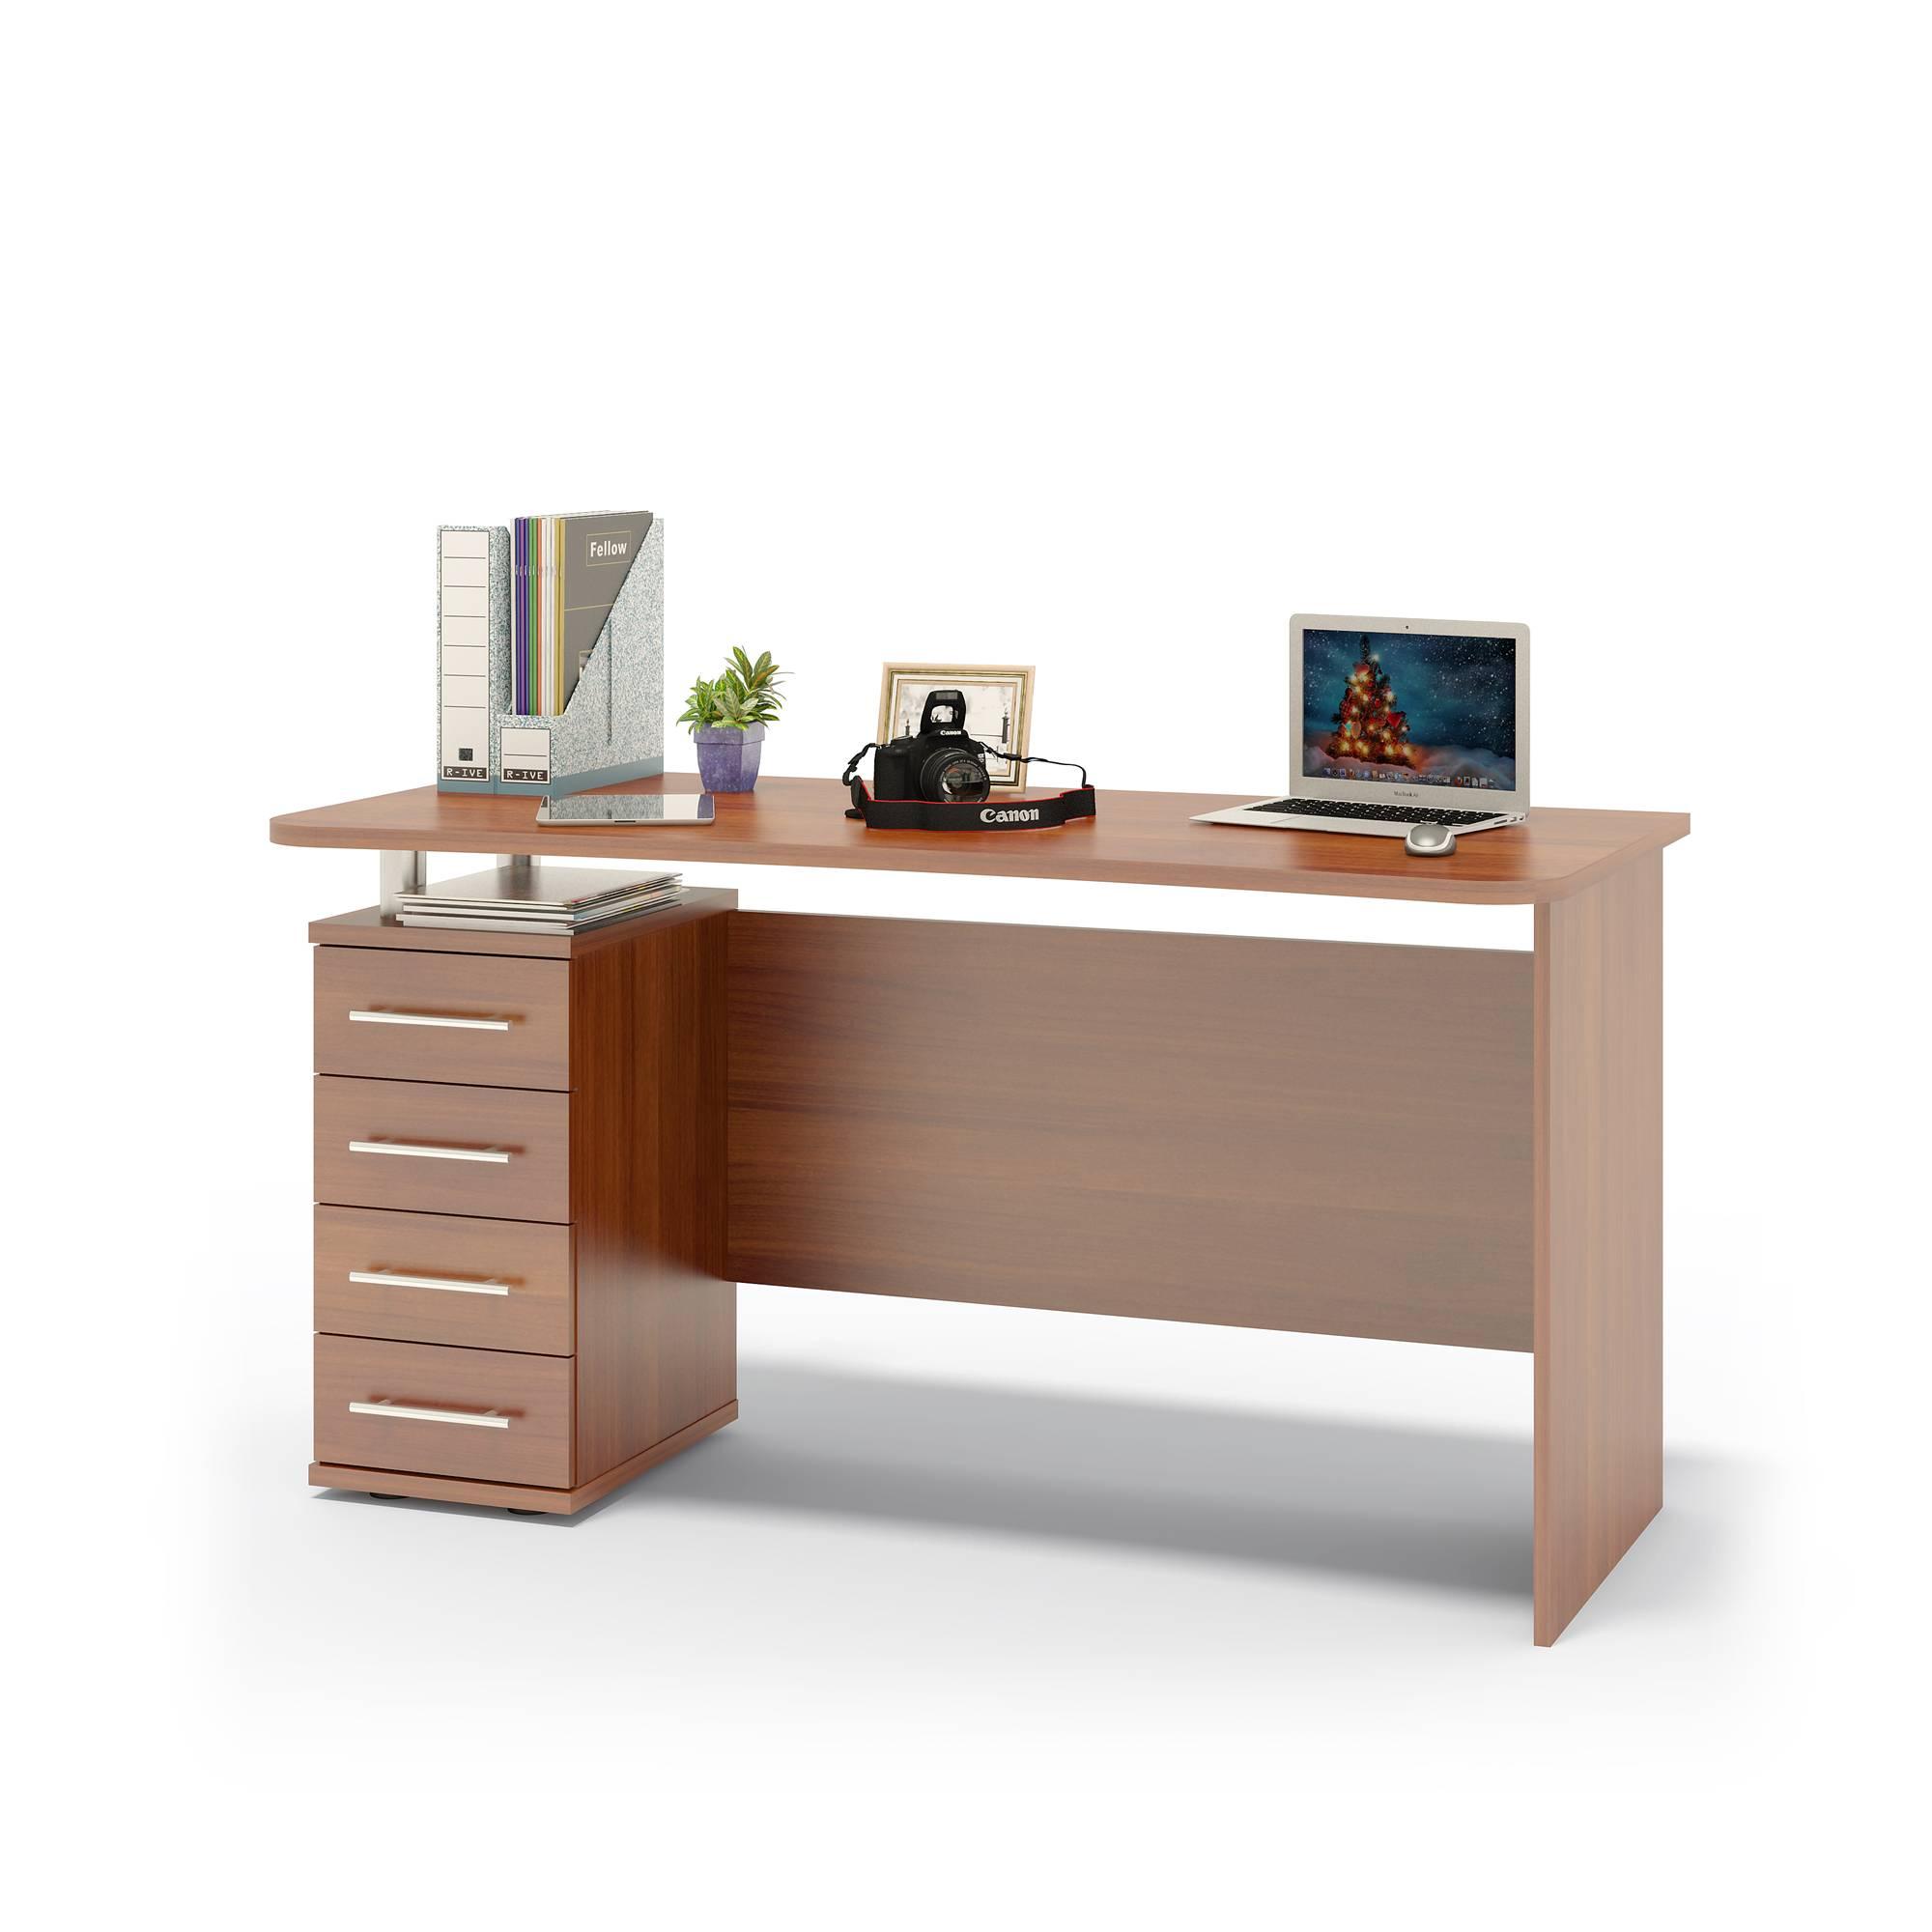 Компьютерный стол сокол кст-105.1 испанский орех, российская.